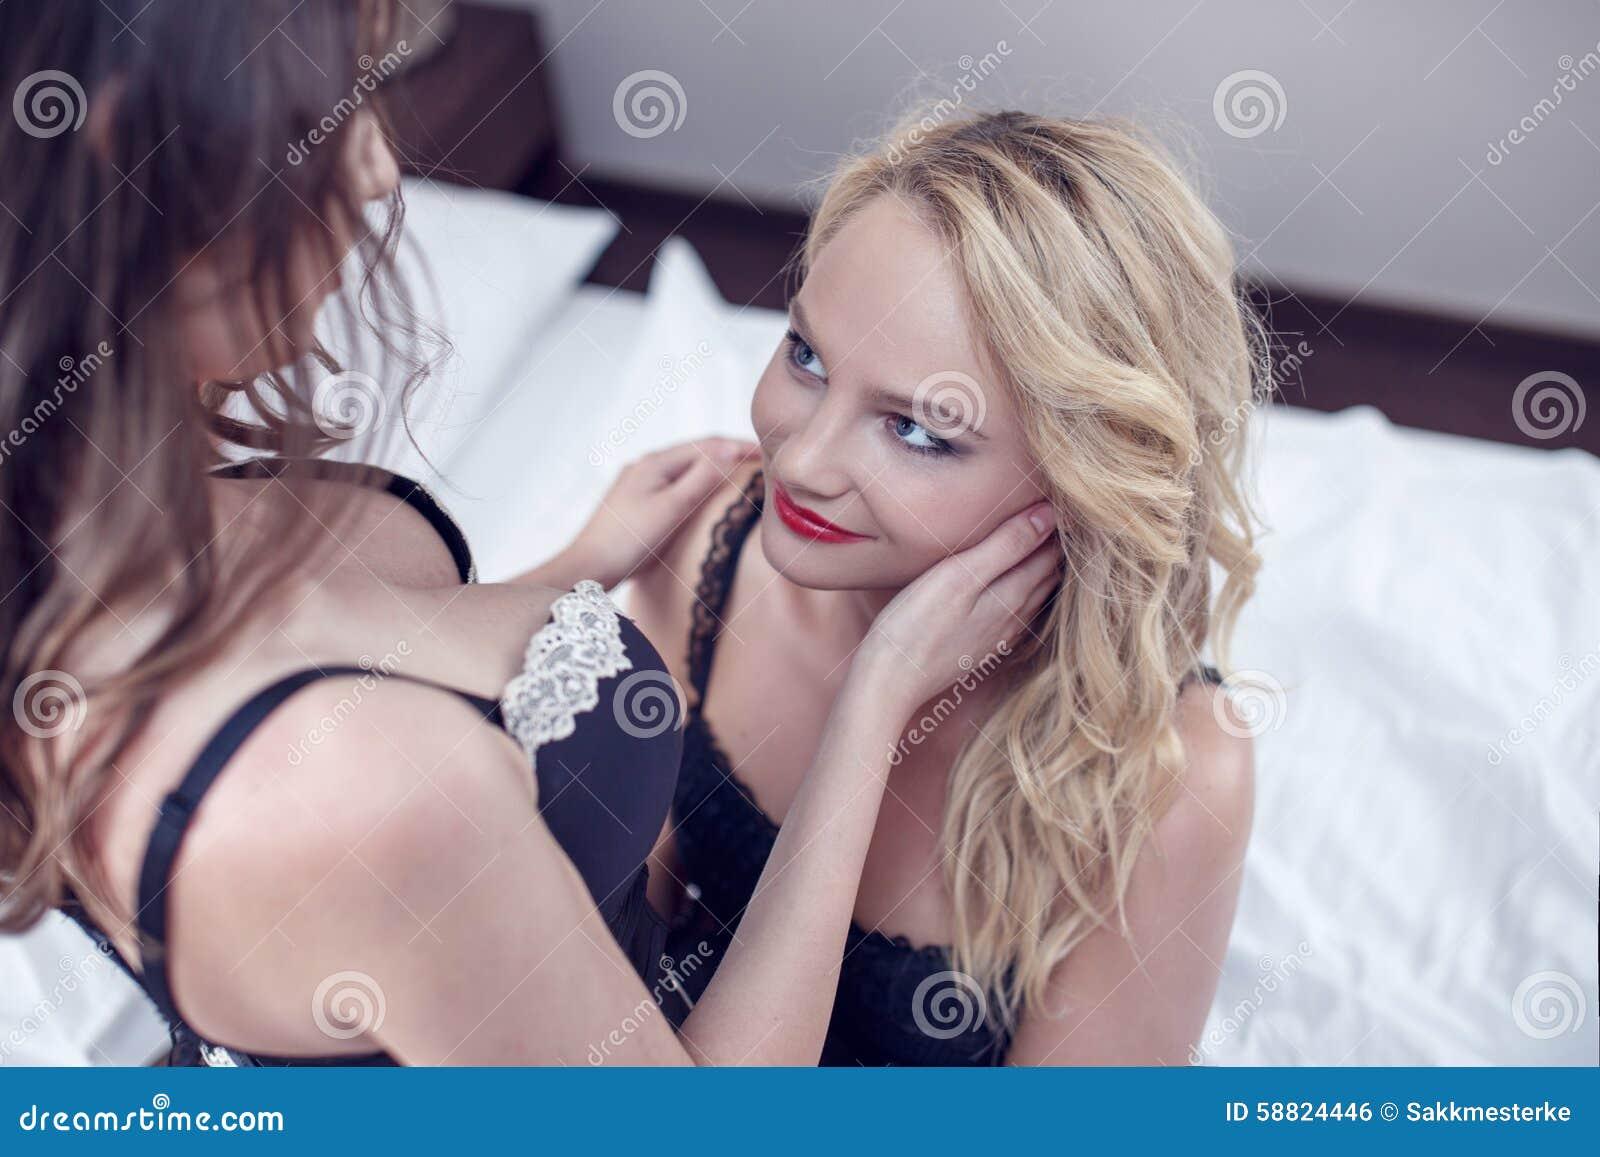 Zack und Miri Pornostar Fotos von lesbischen Liebhabern